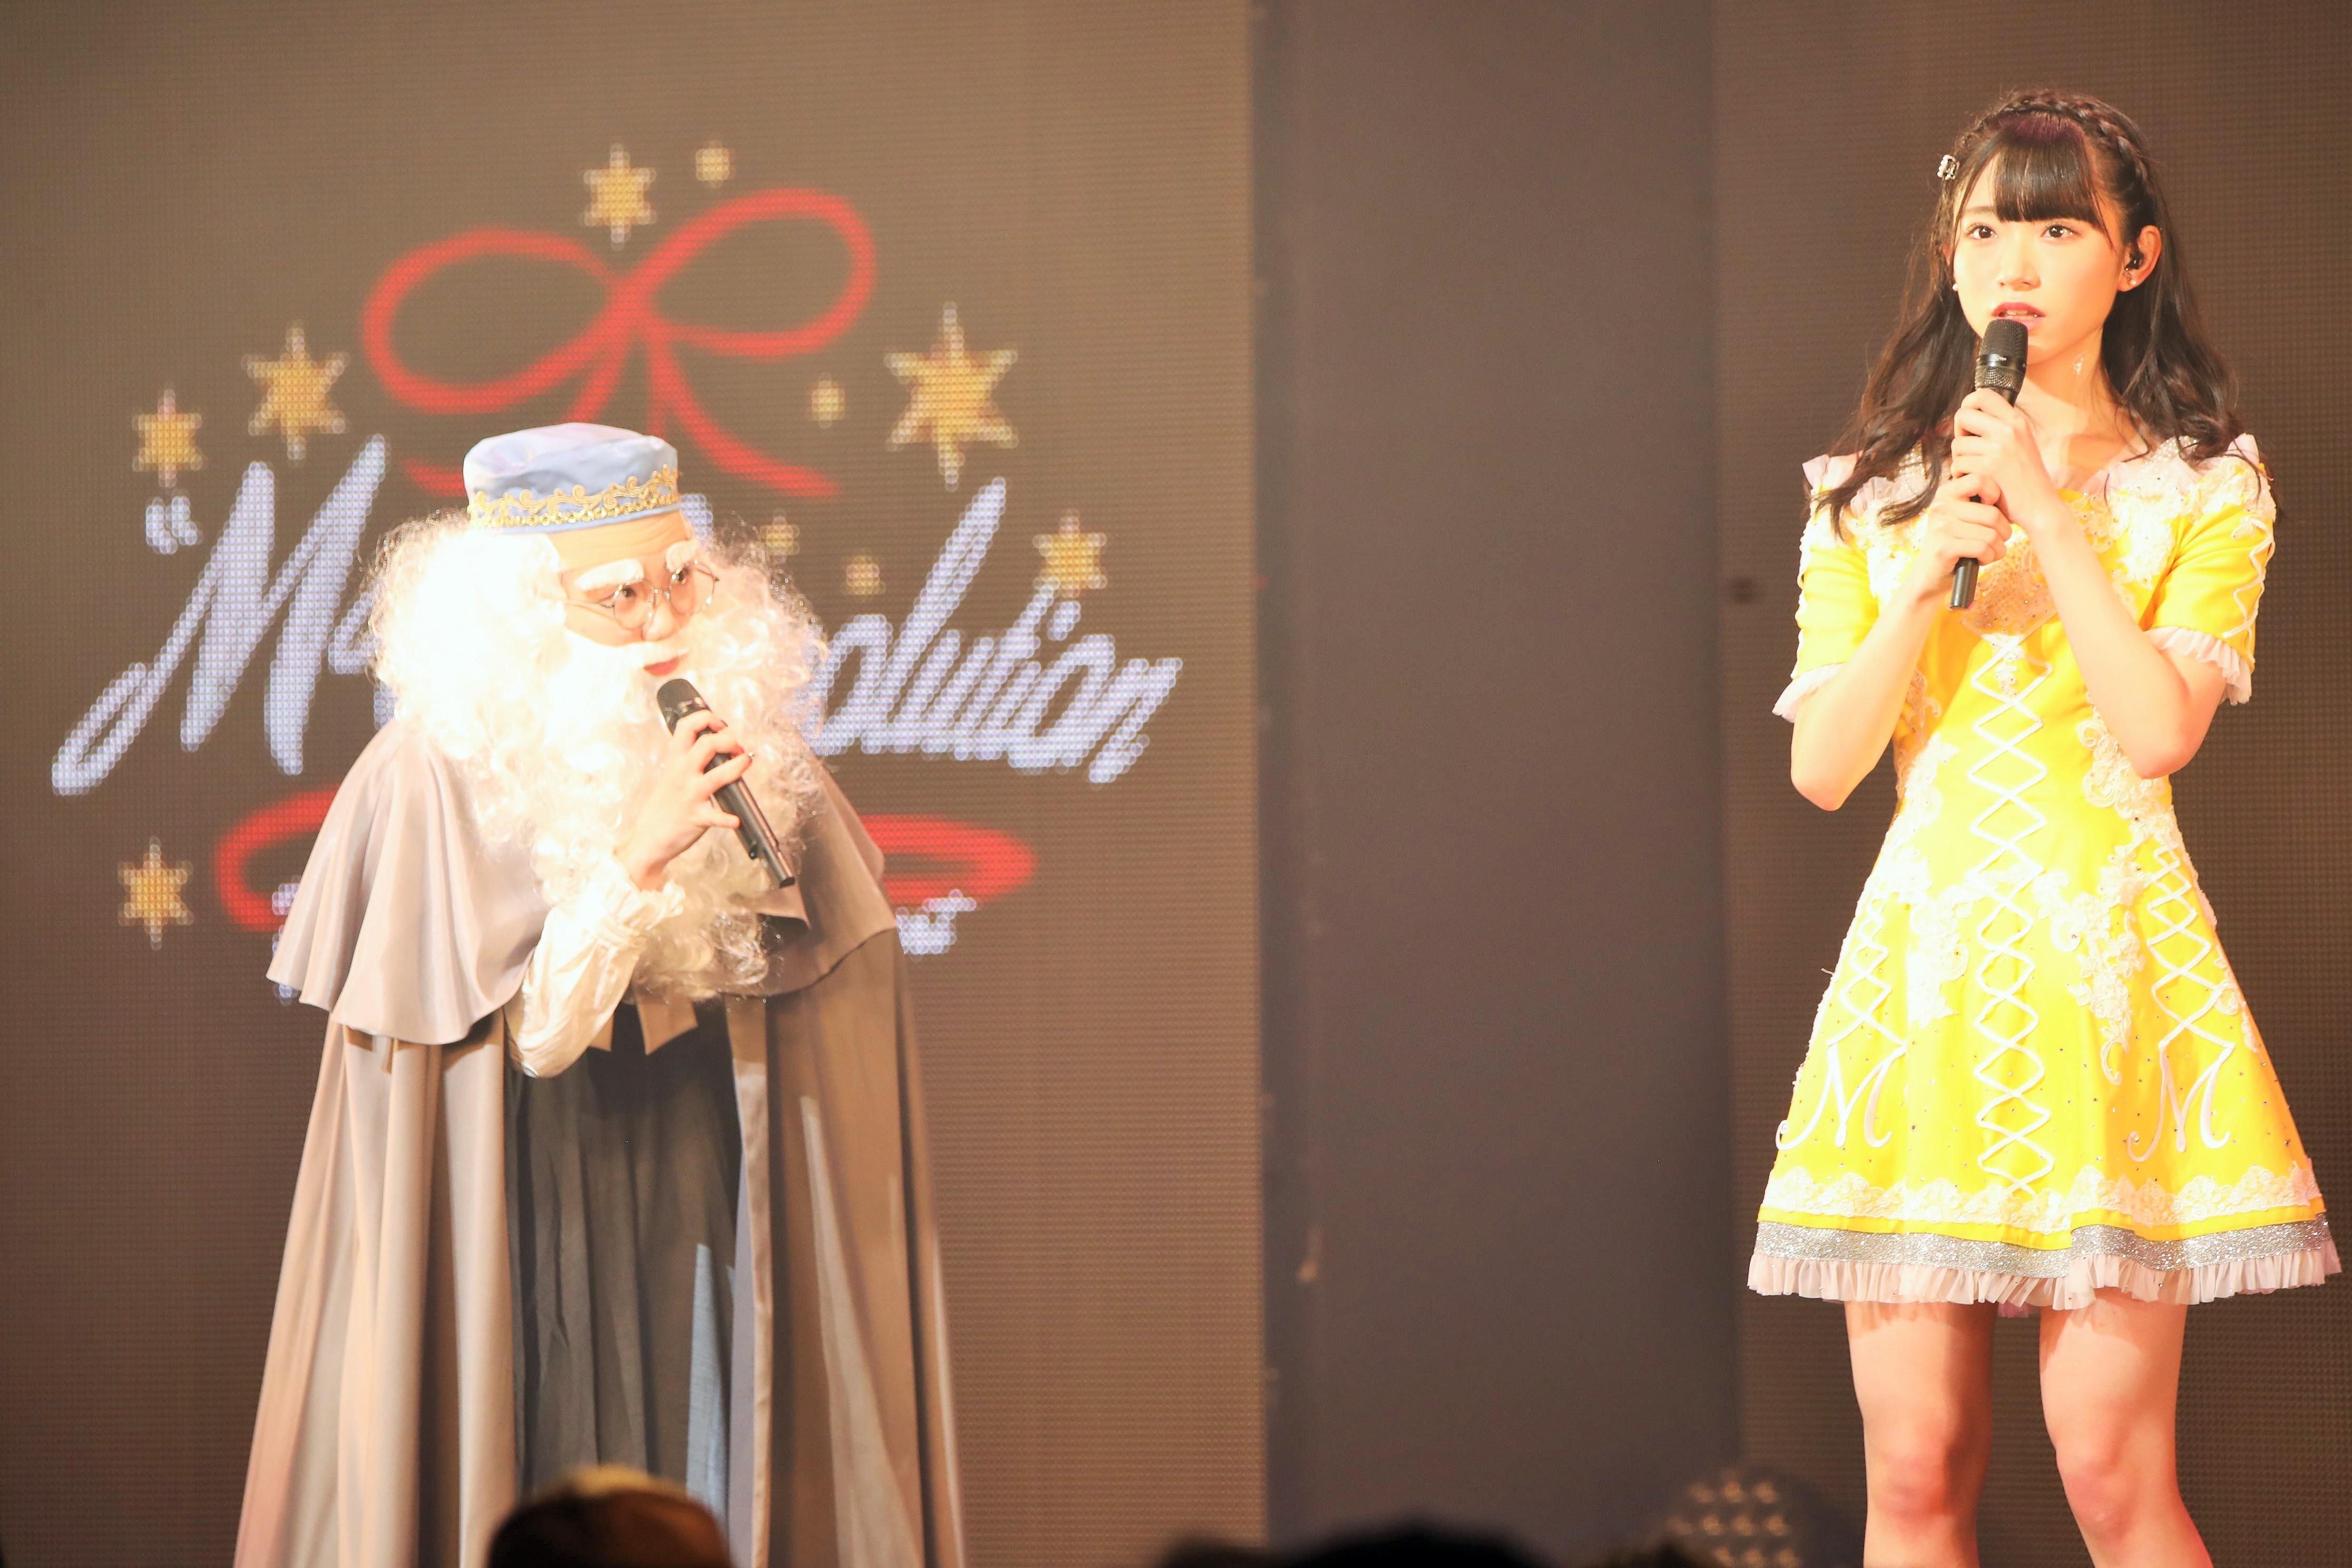 田口愛佳扮する「マスター・オブ・魔法使い」と山内瑞葵